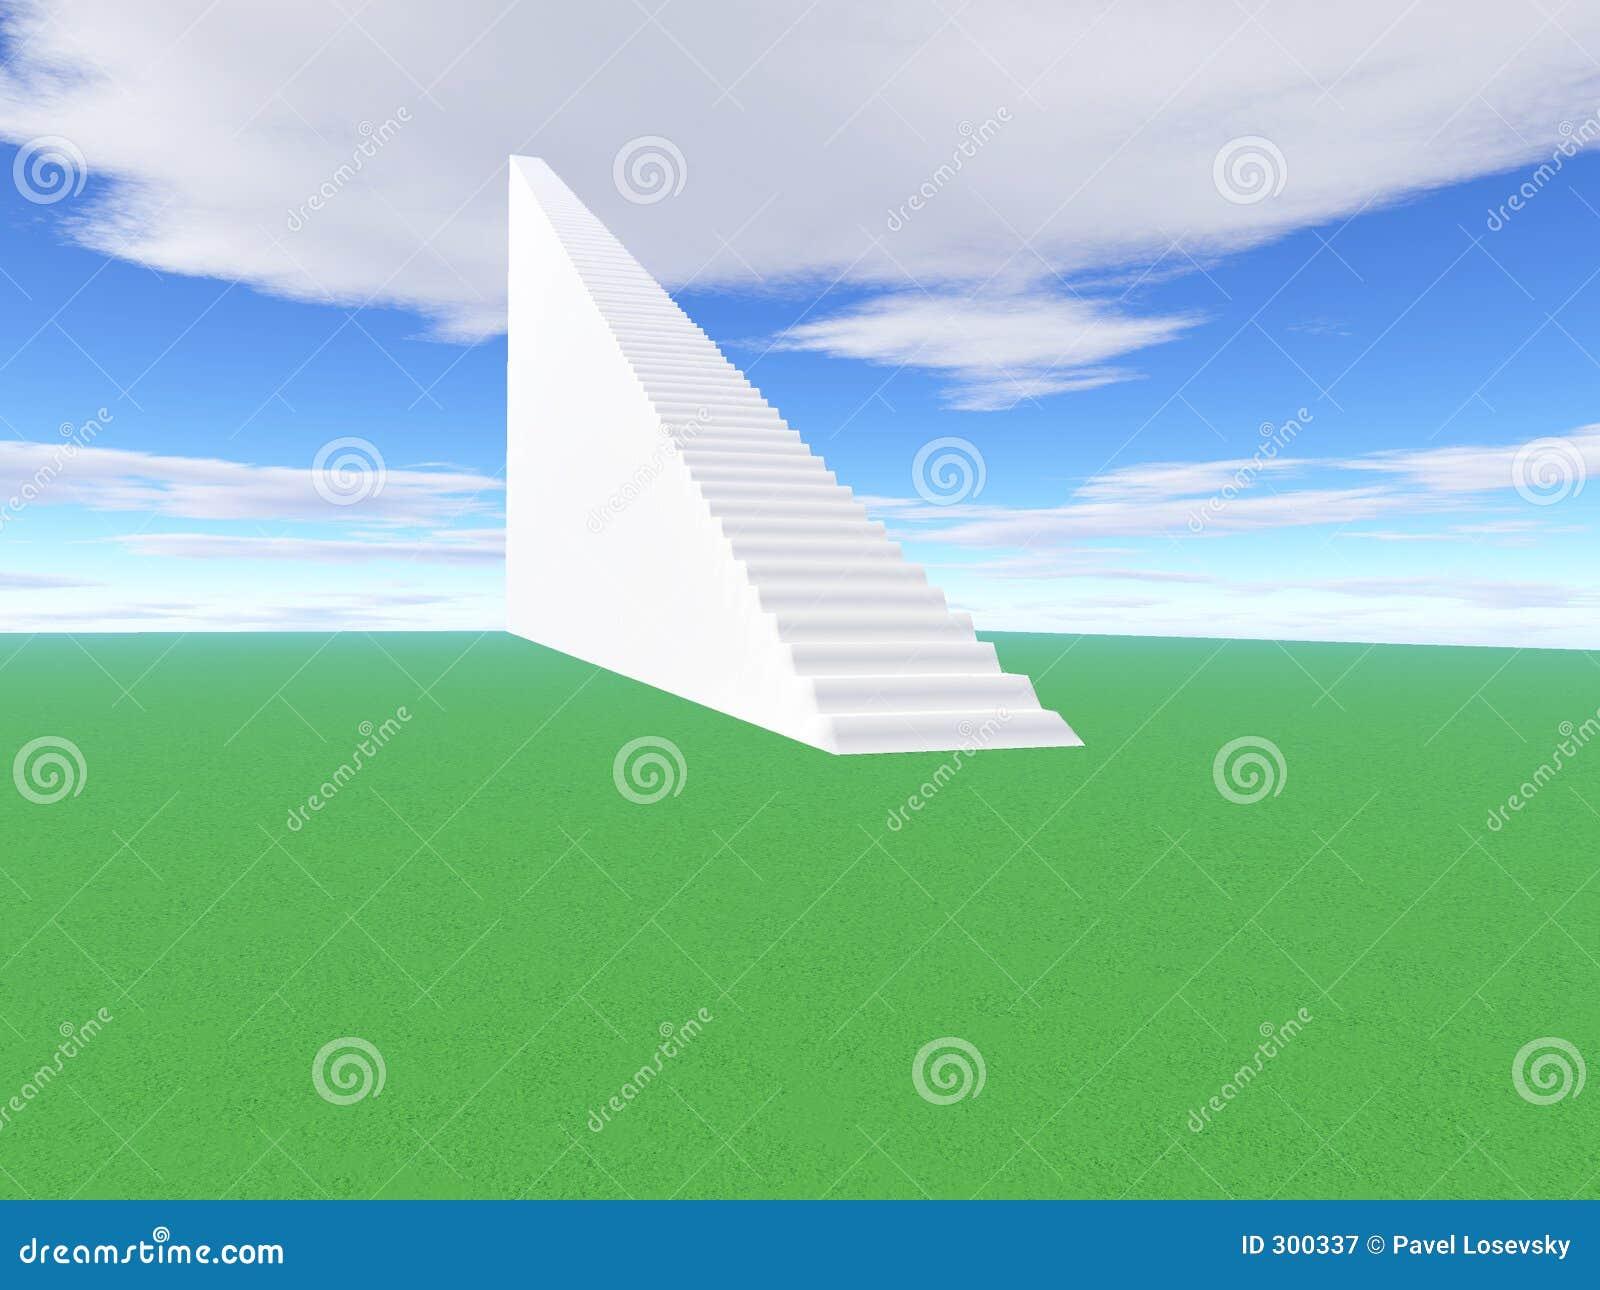 Escalier à monter à la réussite